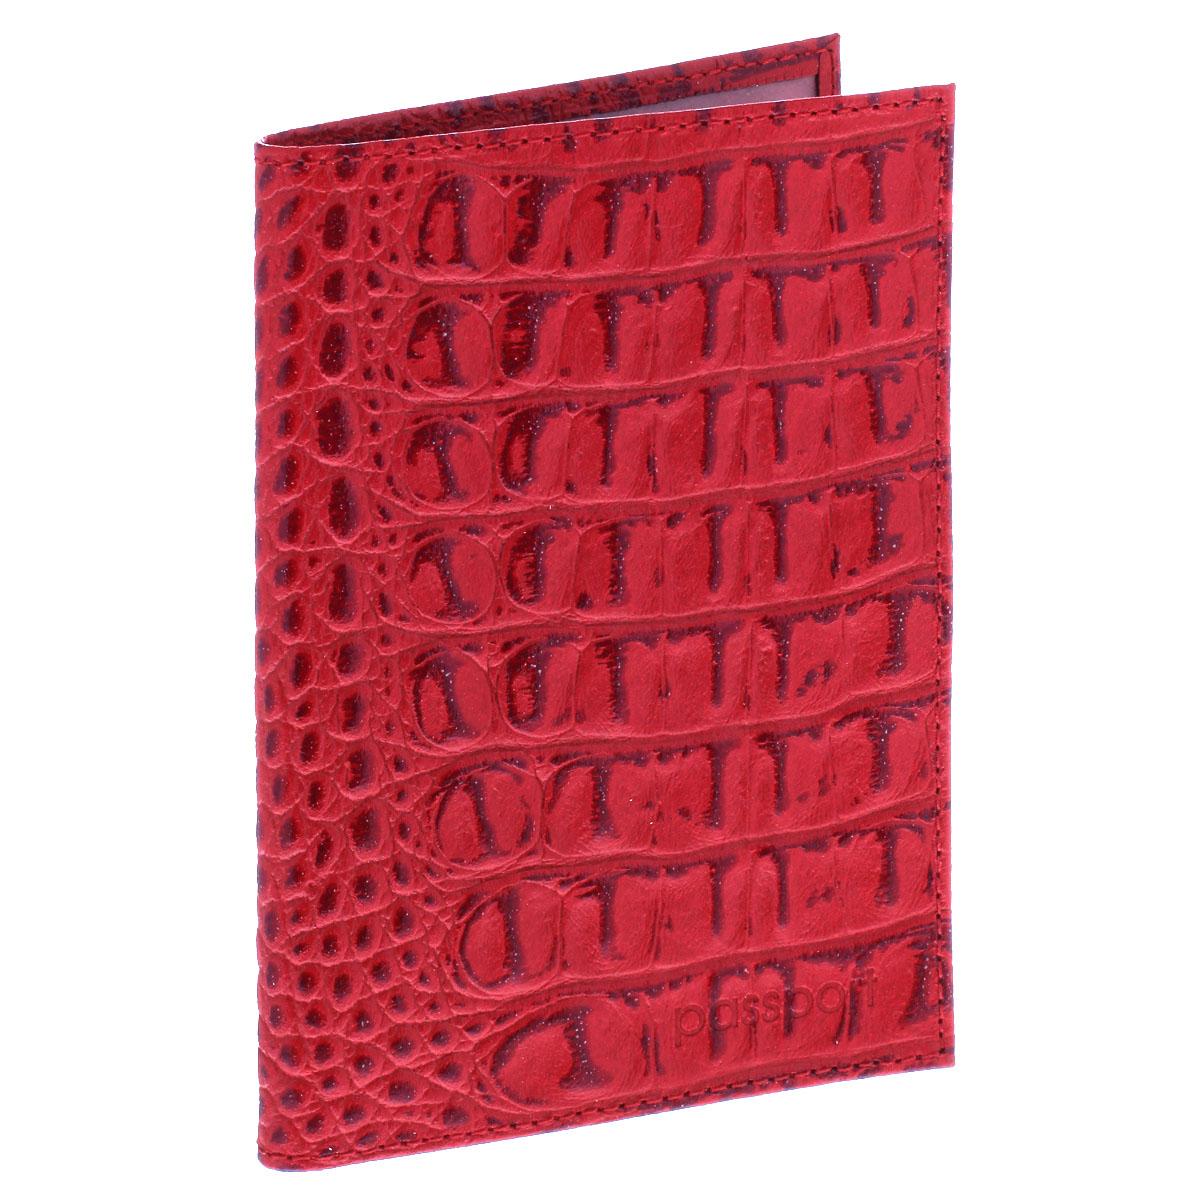 Обложка для паспорта Befler, цвет: красный. O.1.-13O.1.LG. черныйУльтрамодная обложка для паспорта Befler изготовлена из натуральной кожи и оформлена тиснением под рептилию. Изделие с обеих сторон дополнено тиснеными надписями. Внутри - два прозрачных боковых кармана из мягкого пластика, которые обеспечат надежную фиксацию вашего документа. Изделие упаковано в фирменную коробку.Модная обложка для паспорта не только поможет сохранить внешний вид вашего документа и защитить его от повреждений, но и станет стильным аксессуаром, который эффектно дополнит ваш образ.